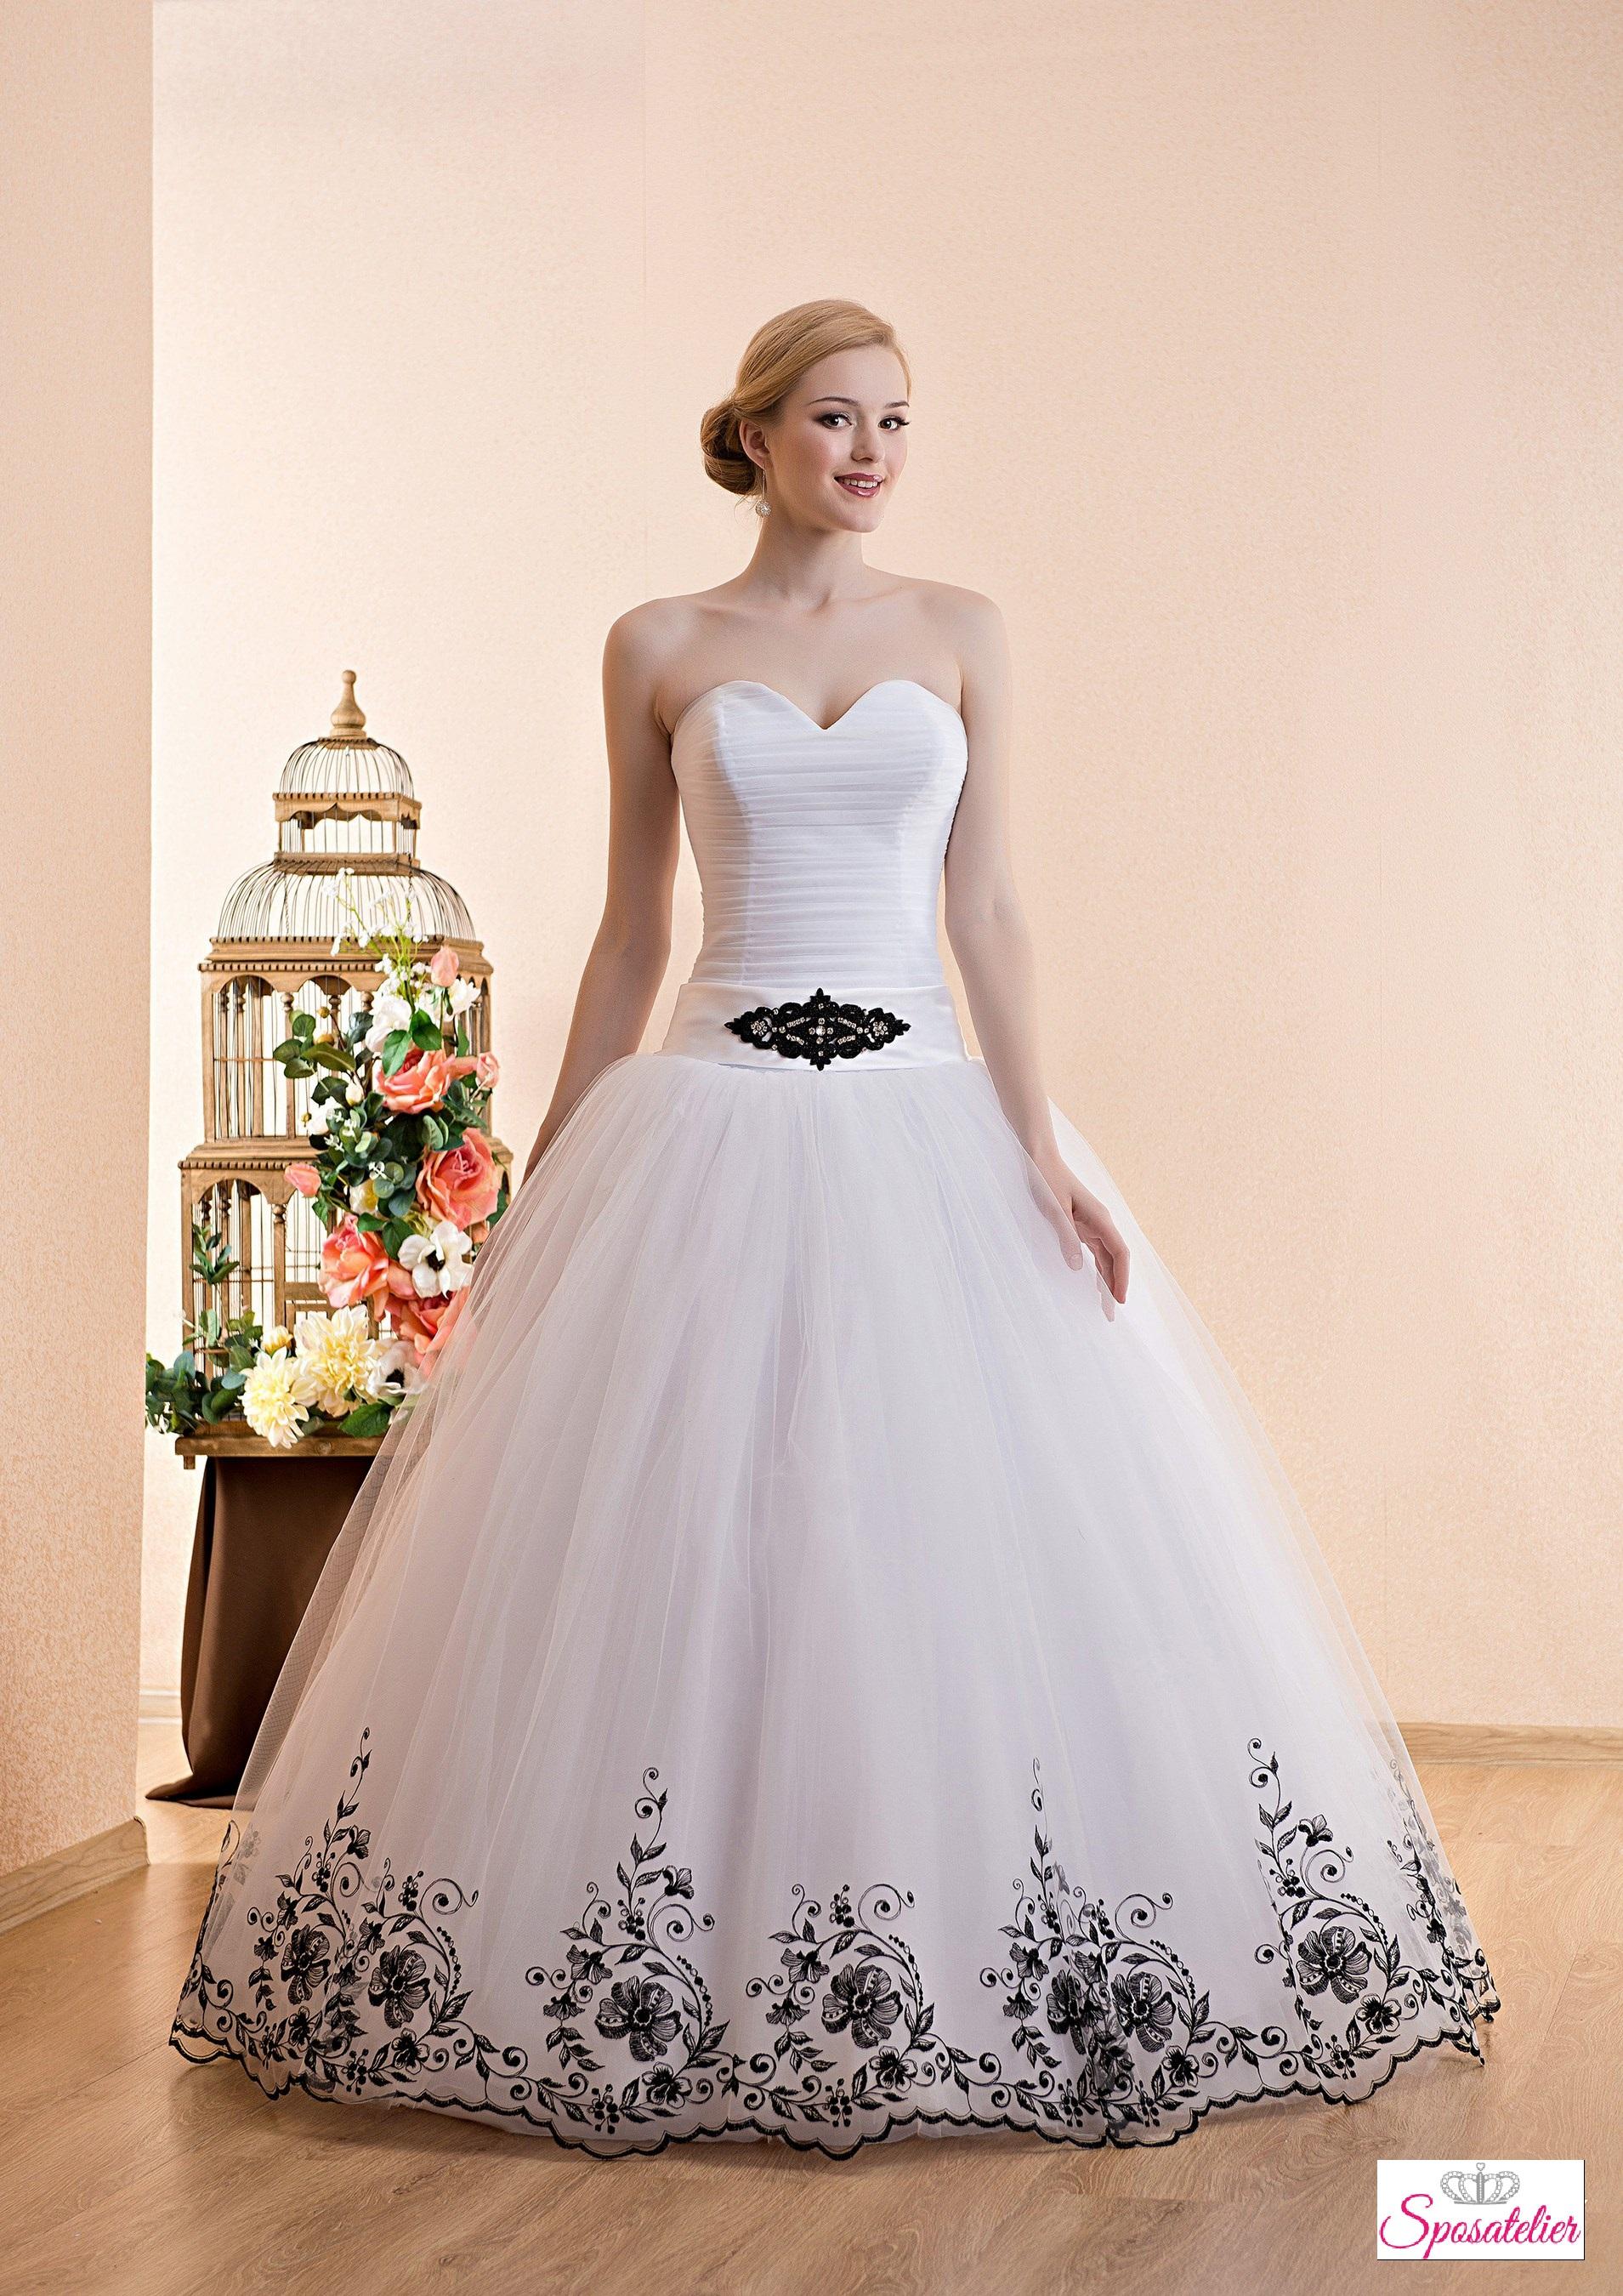 35d1bfc40252 abiti da sposa bianchi e neri economici online coloratiSposatelier